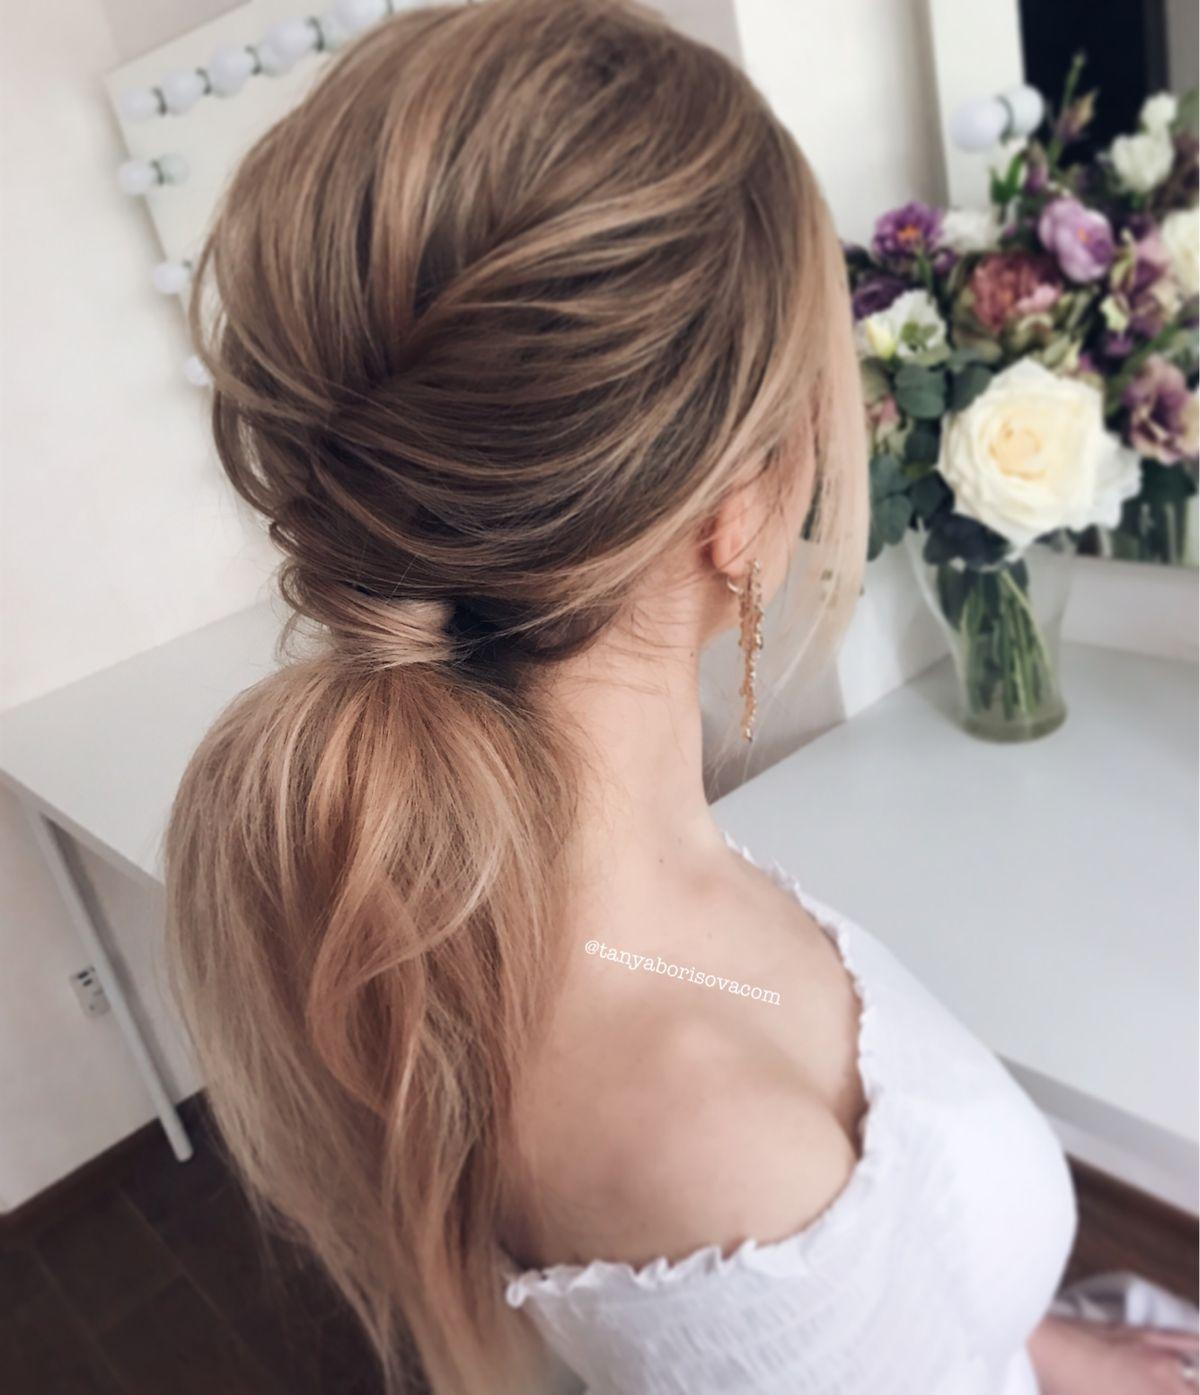 Стильный и современный объёмный хвост. Stylish fashion ponytail for a long blond hair.